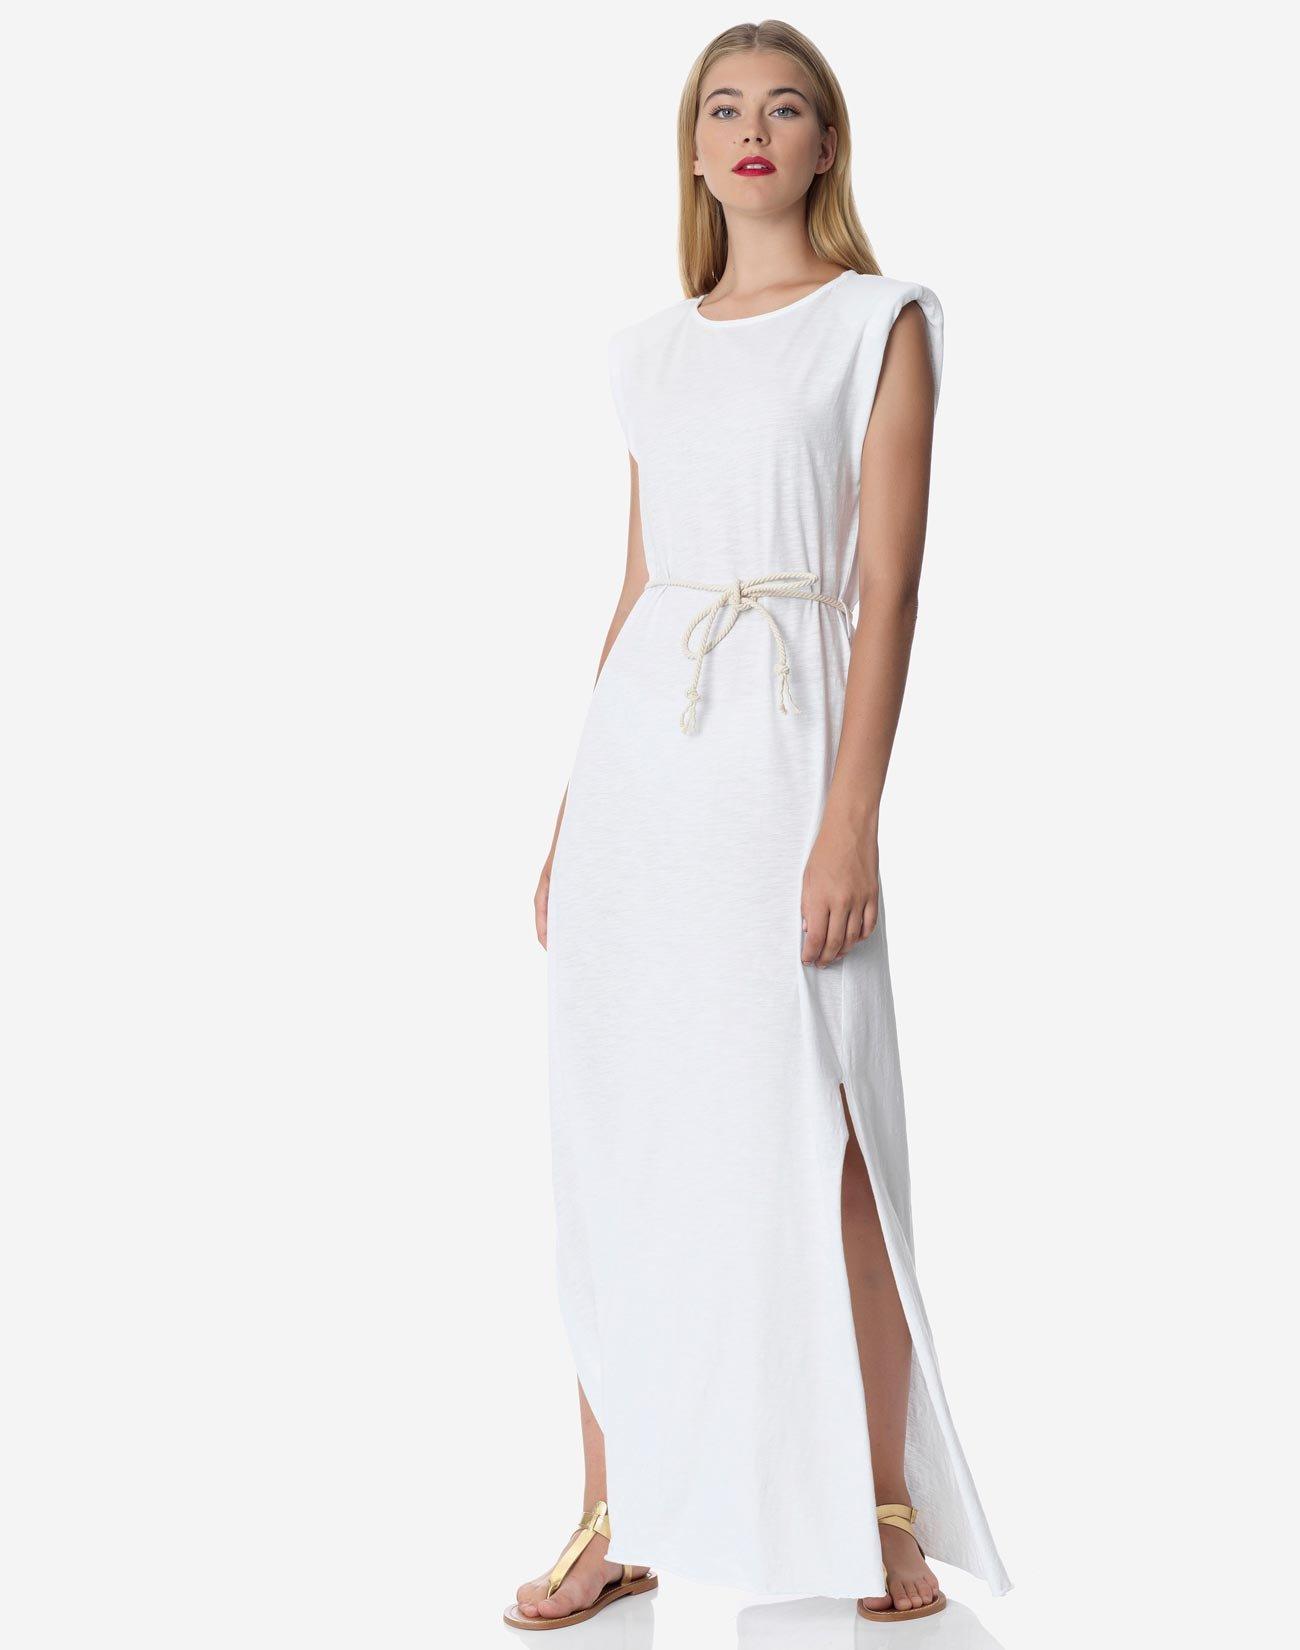 Μάξι φόρεμα με βάτες στους ώμους